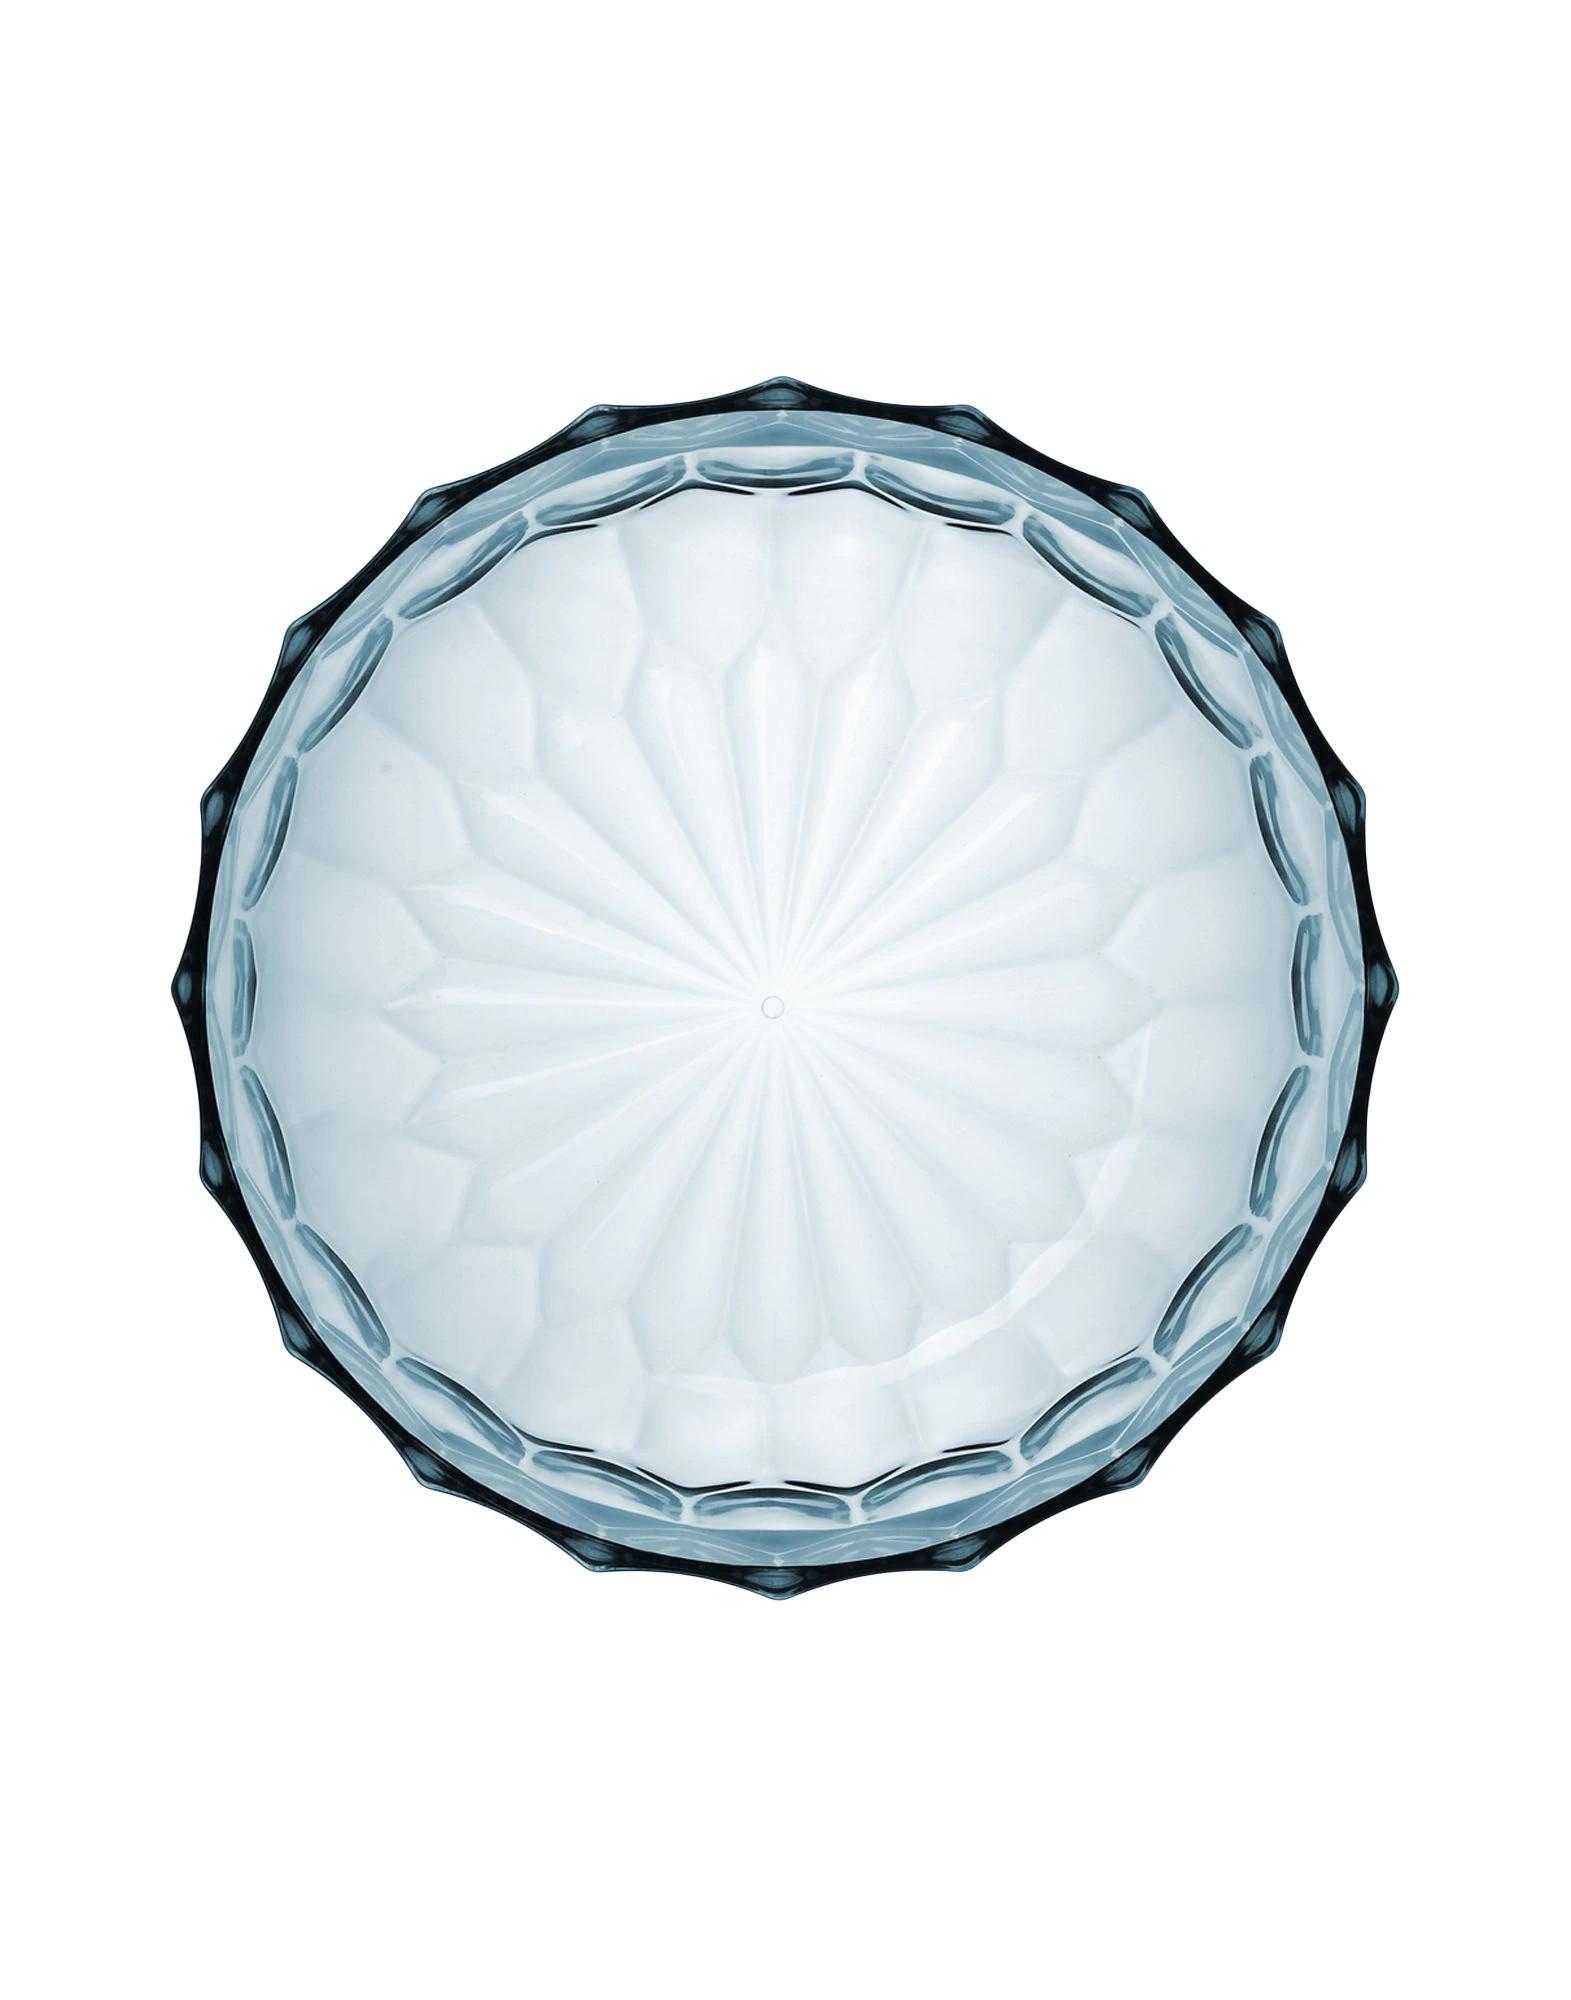 Kartell Jellies Family Salad Bowl Light Blue 3